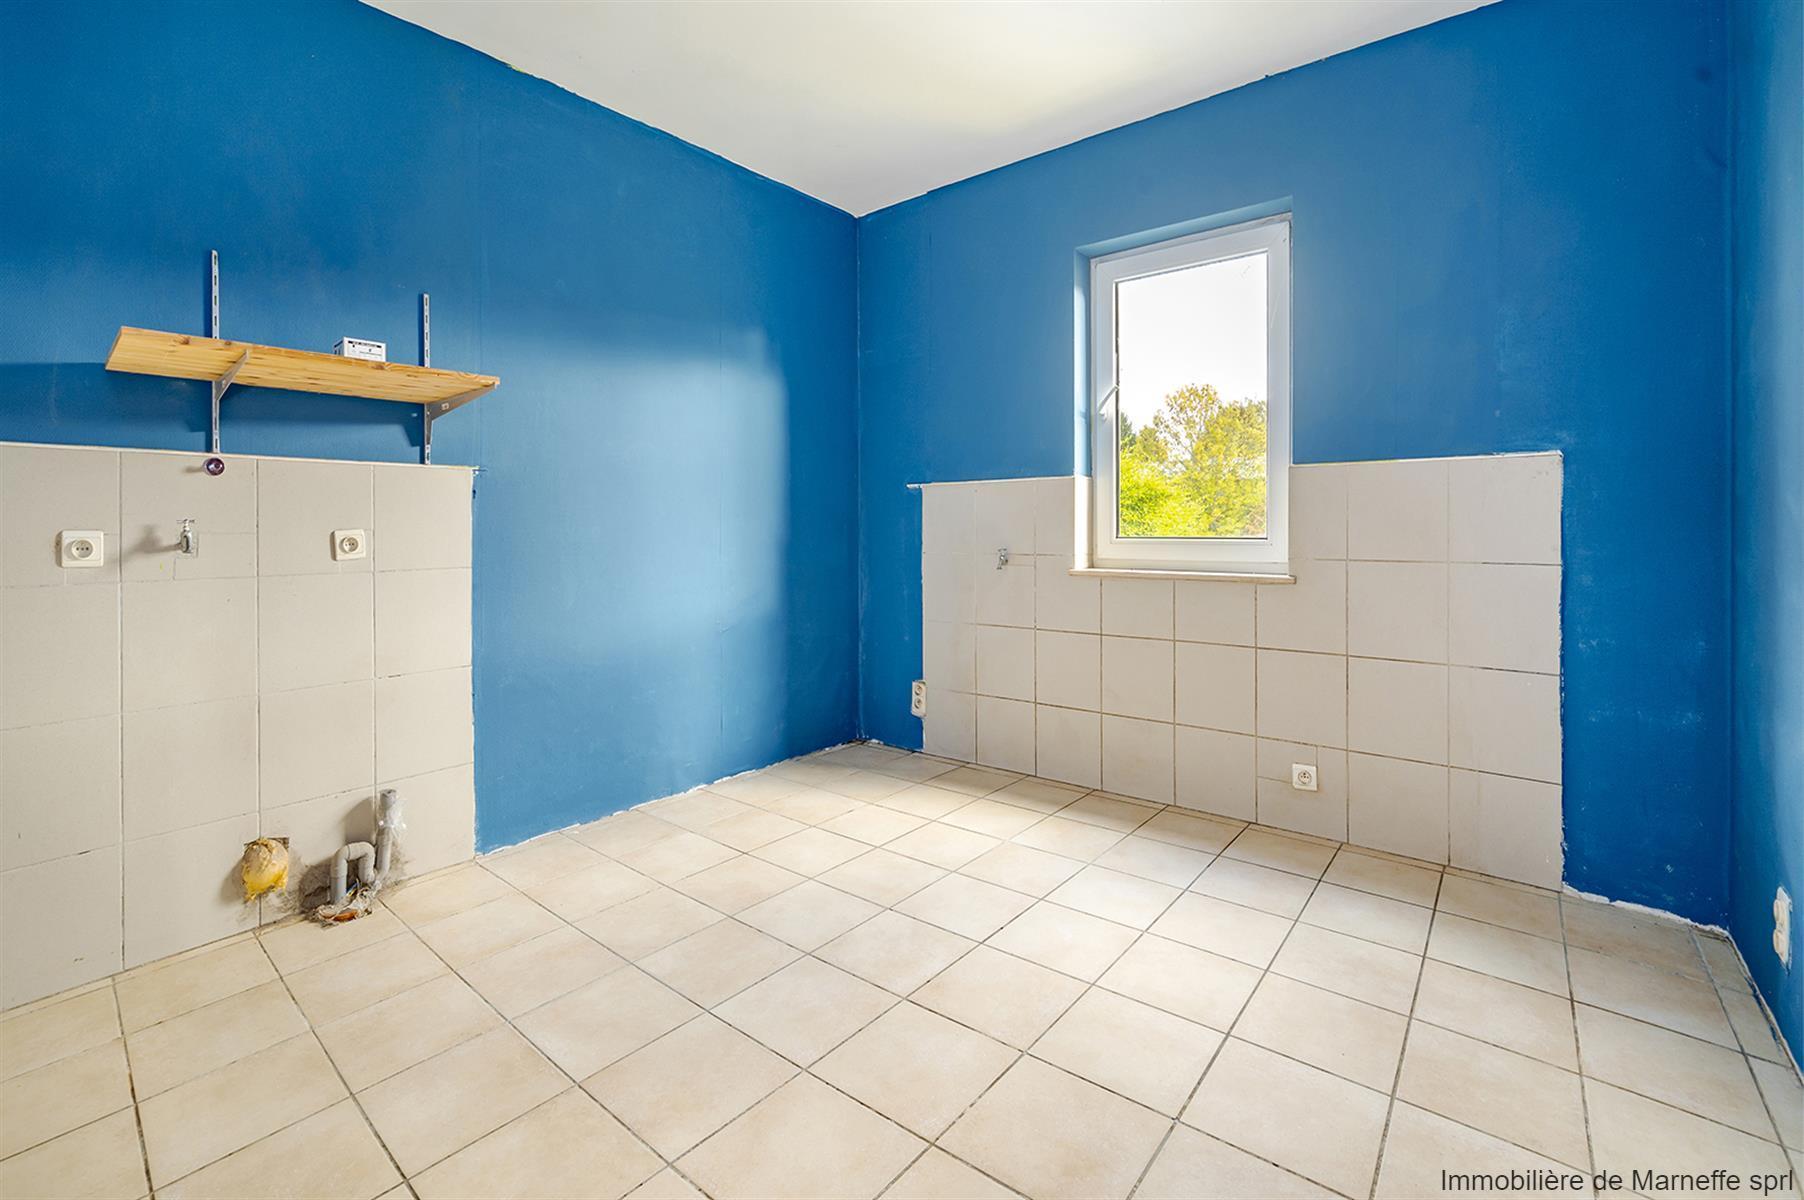 Maison - Villers-le-Bouillet - #4191827-16